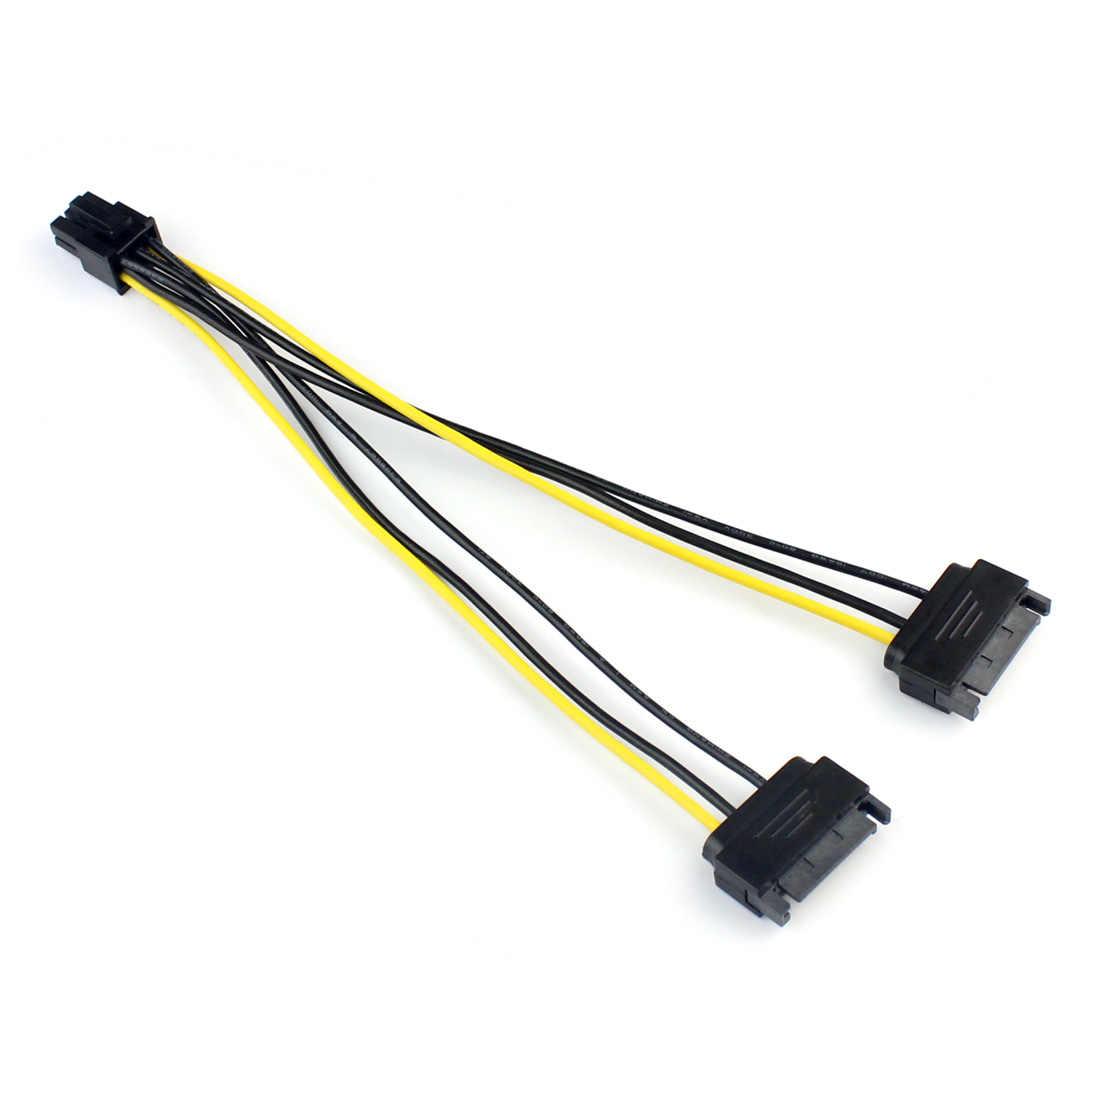 1x Dual 2 SATA 15 פין זכר M כדי PCI-e אקספרס כרטיס 6 פין נקבה גרפיקה וידאו כרטיס כוח כבל 20cm